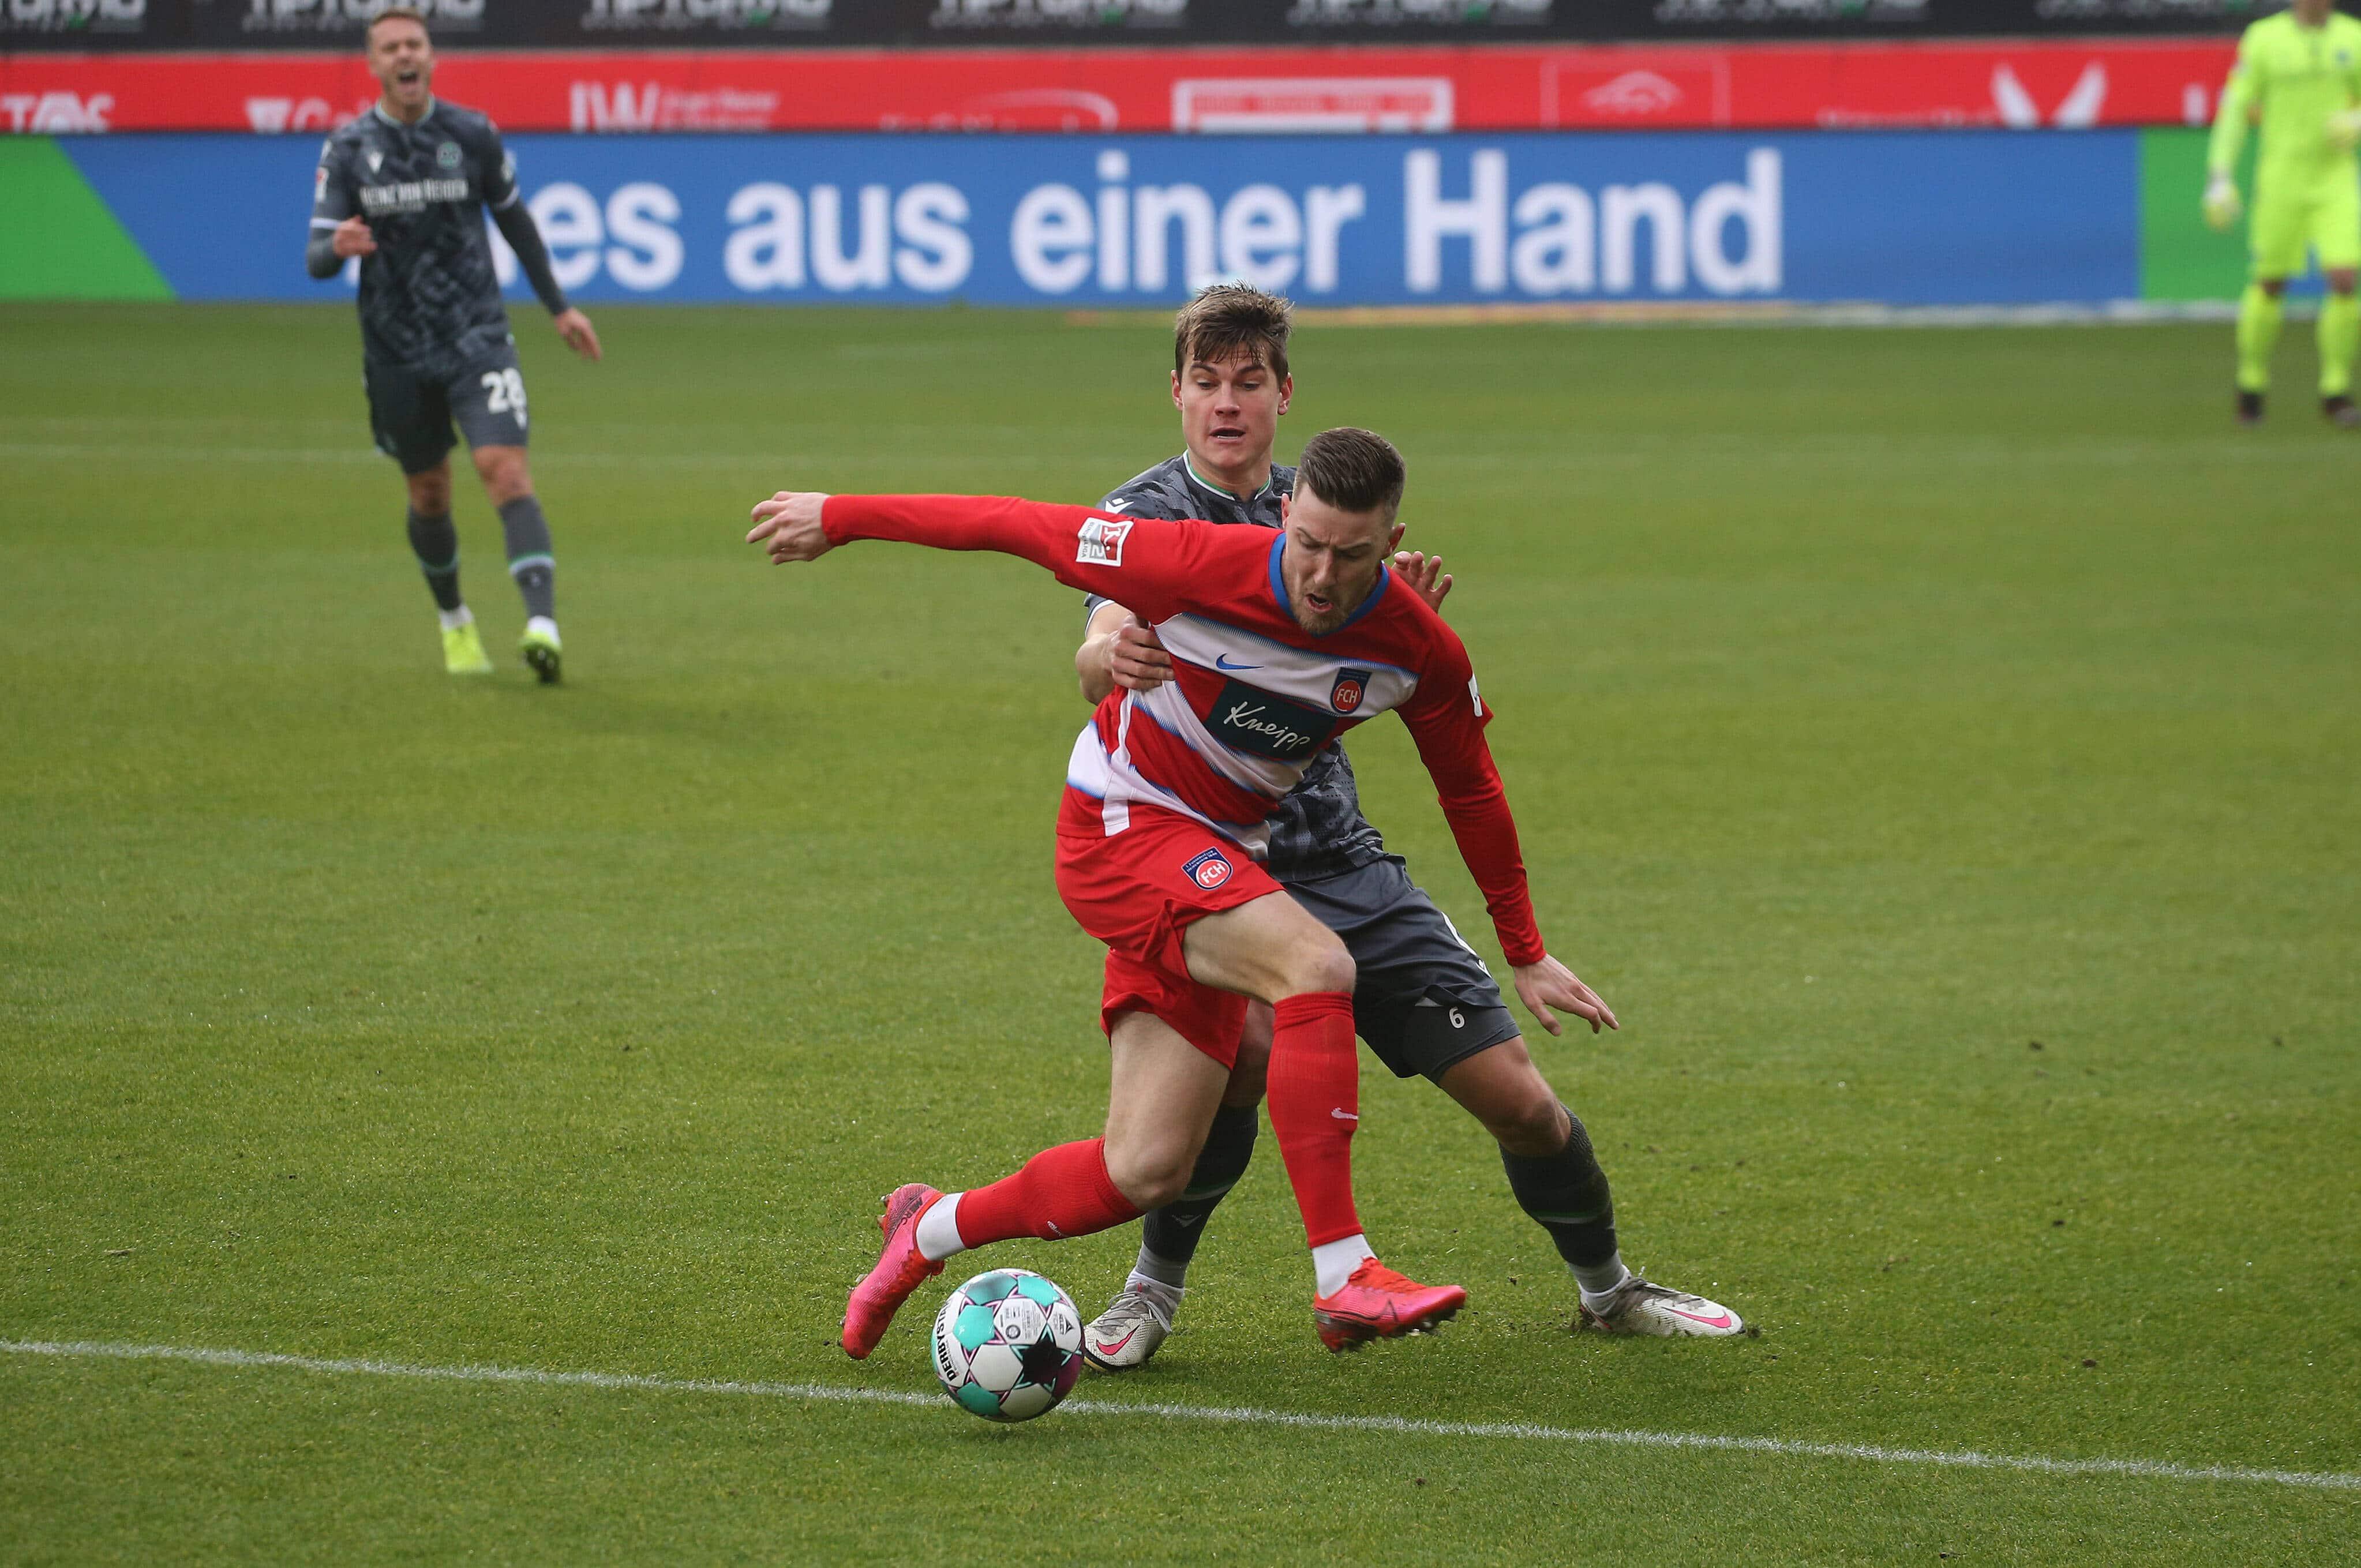 12.12.20 1. FC Heidenheim – Hannover 96 Deutschland, Heidenheim, 12.12.2020, Fussball, 2. Bundesliga, Saison 2020/2021,